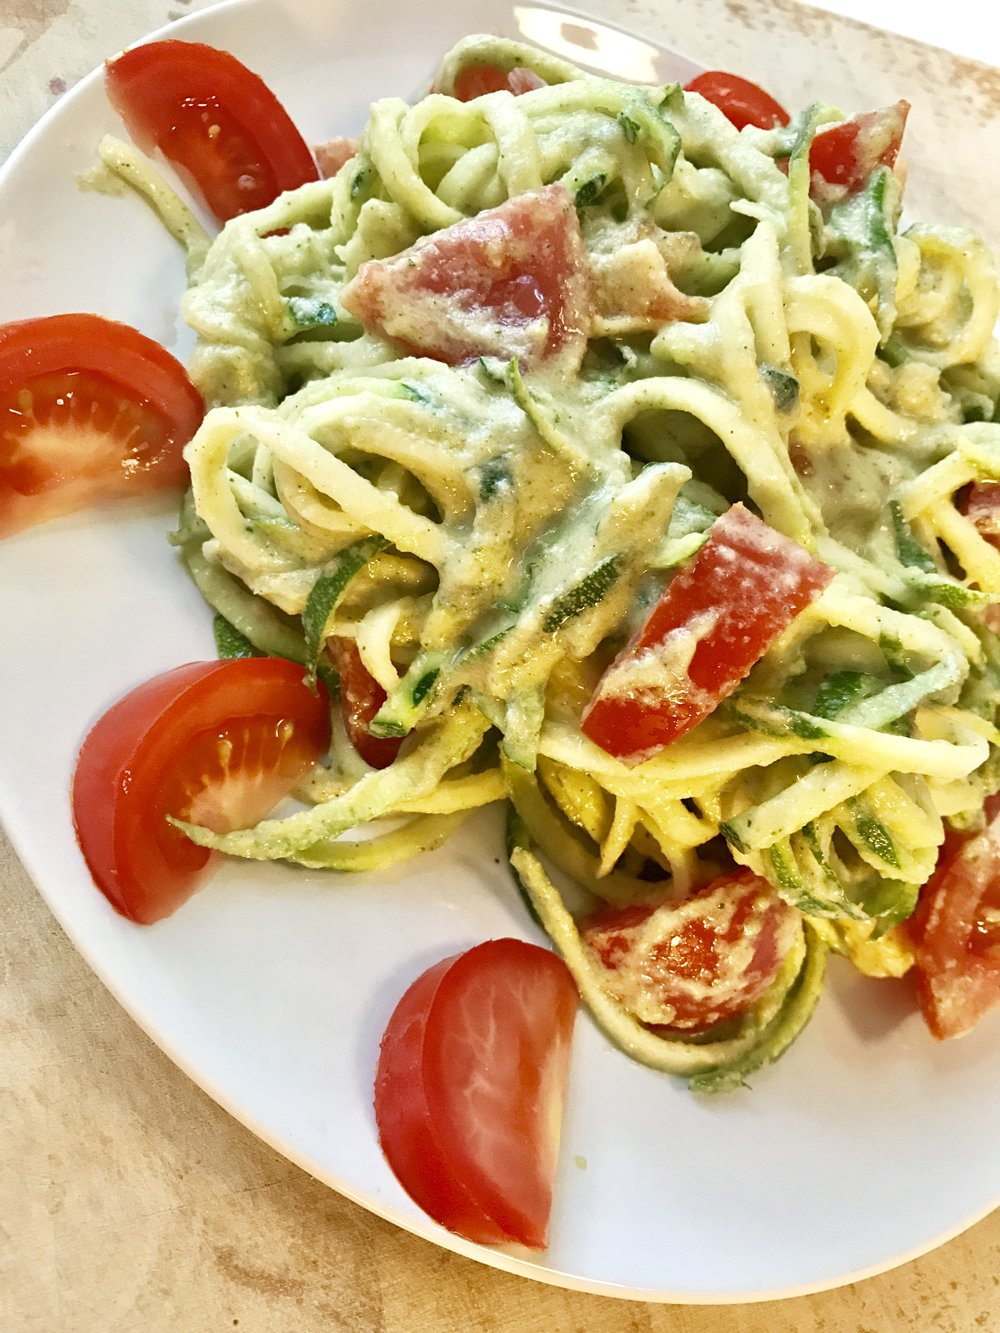 Helppo ja ihanan kevyt mutta täyttävä ja proteiinipitoinen kasvisruoka.